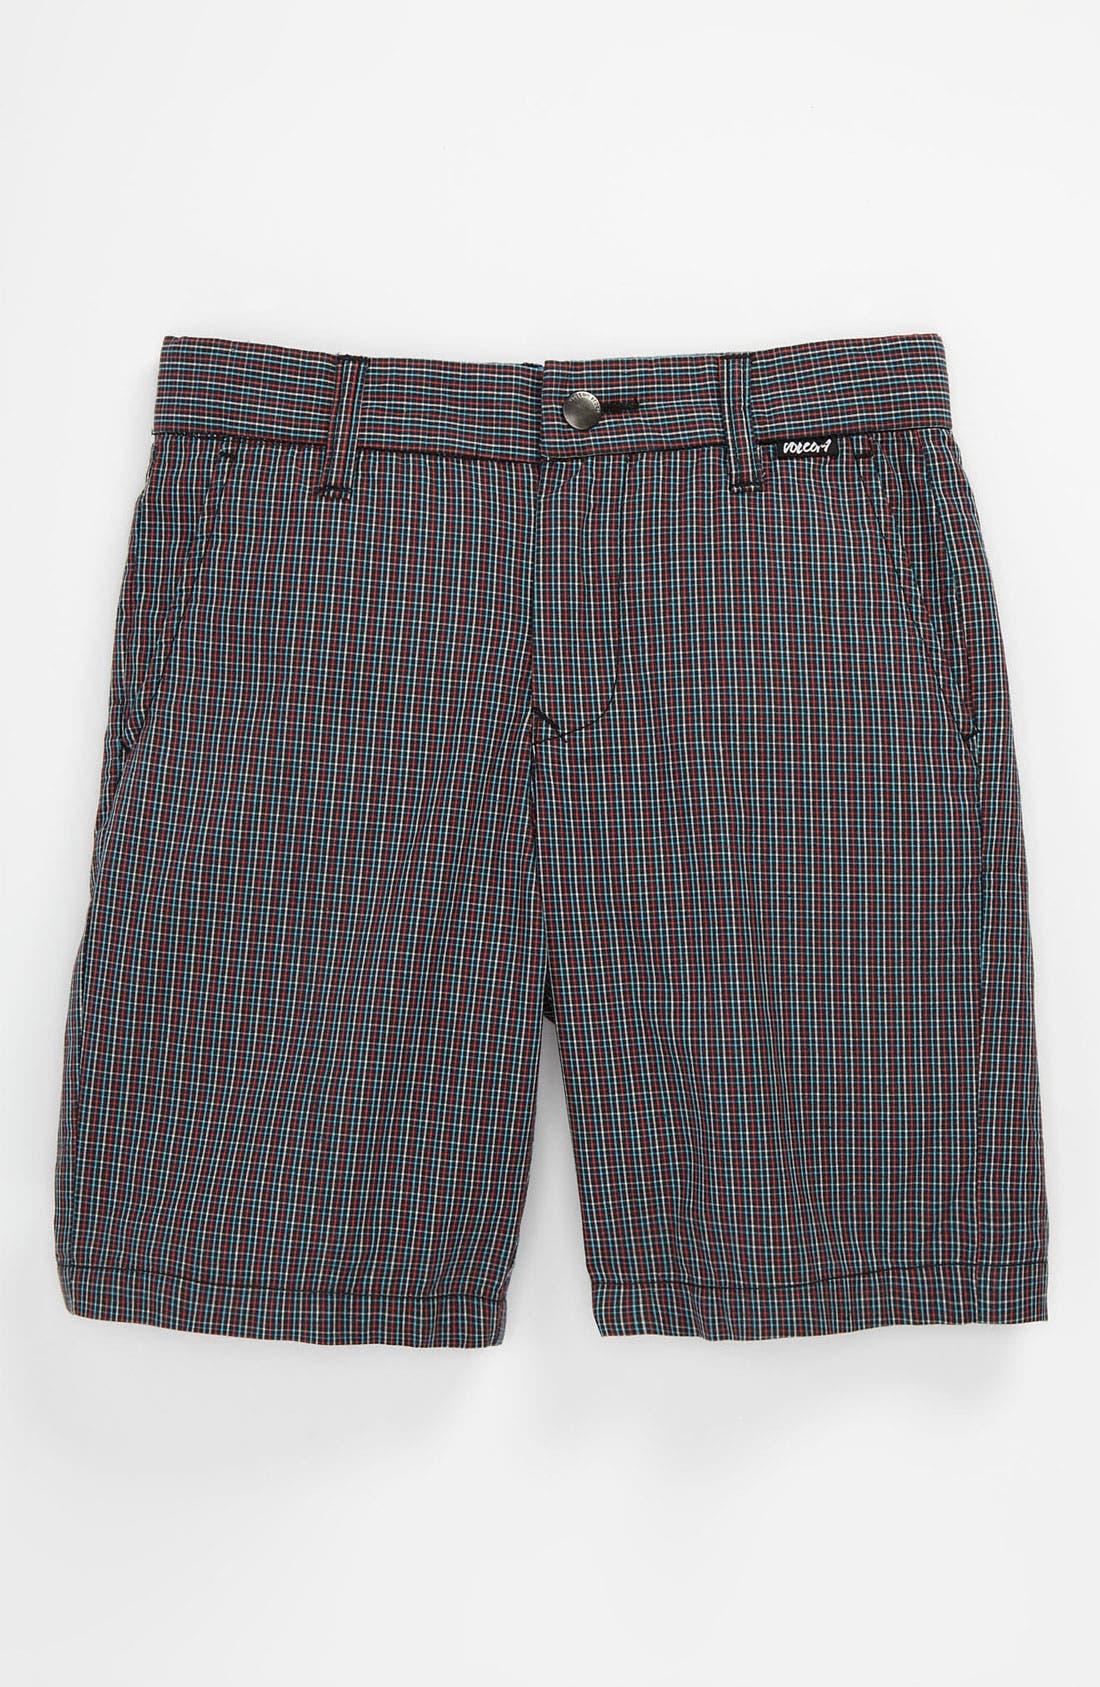 Main Image - Volcom 'Rushy' Plaid Shorts (Toddler)